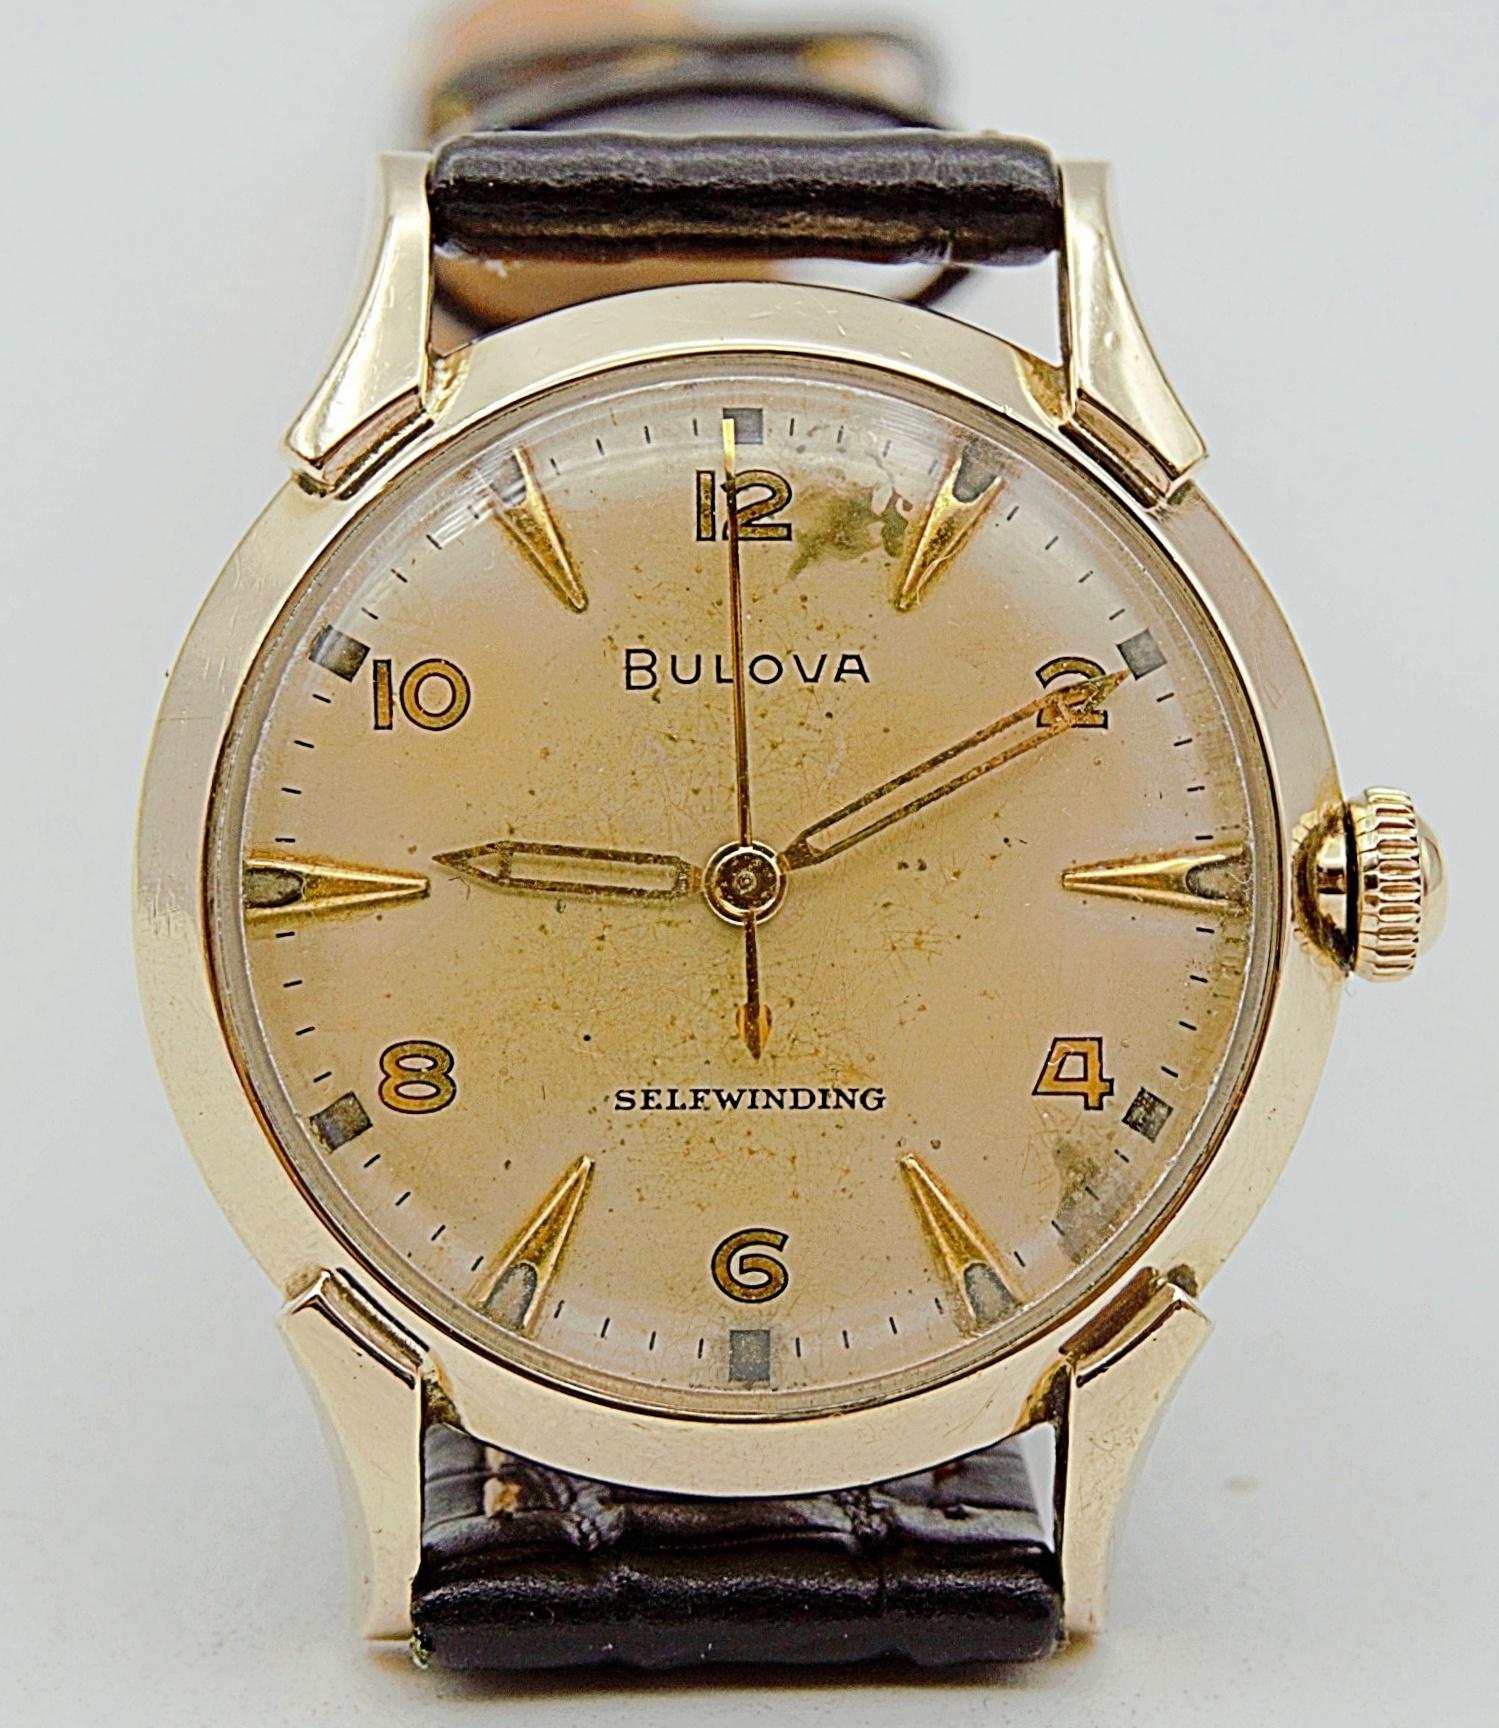 นาฬิกาเก่า BULOVA อโตเมติก